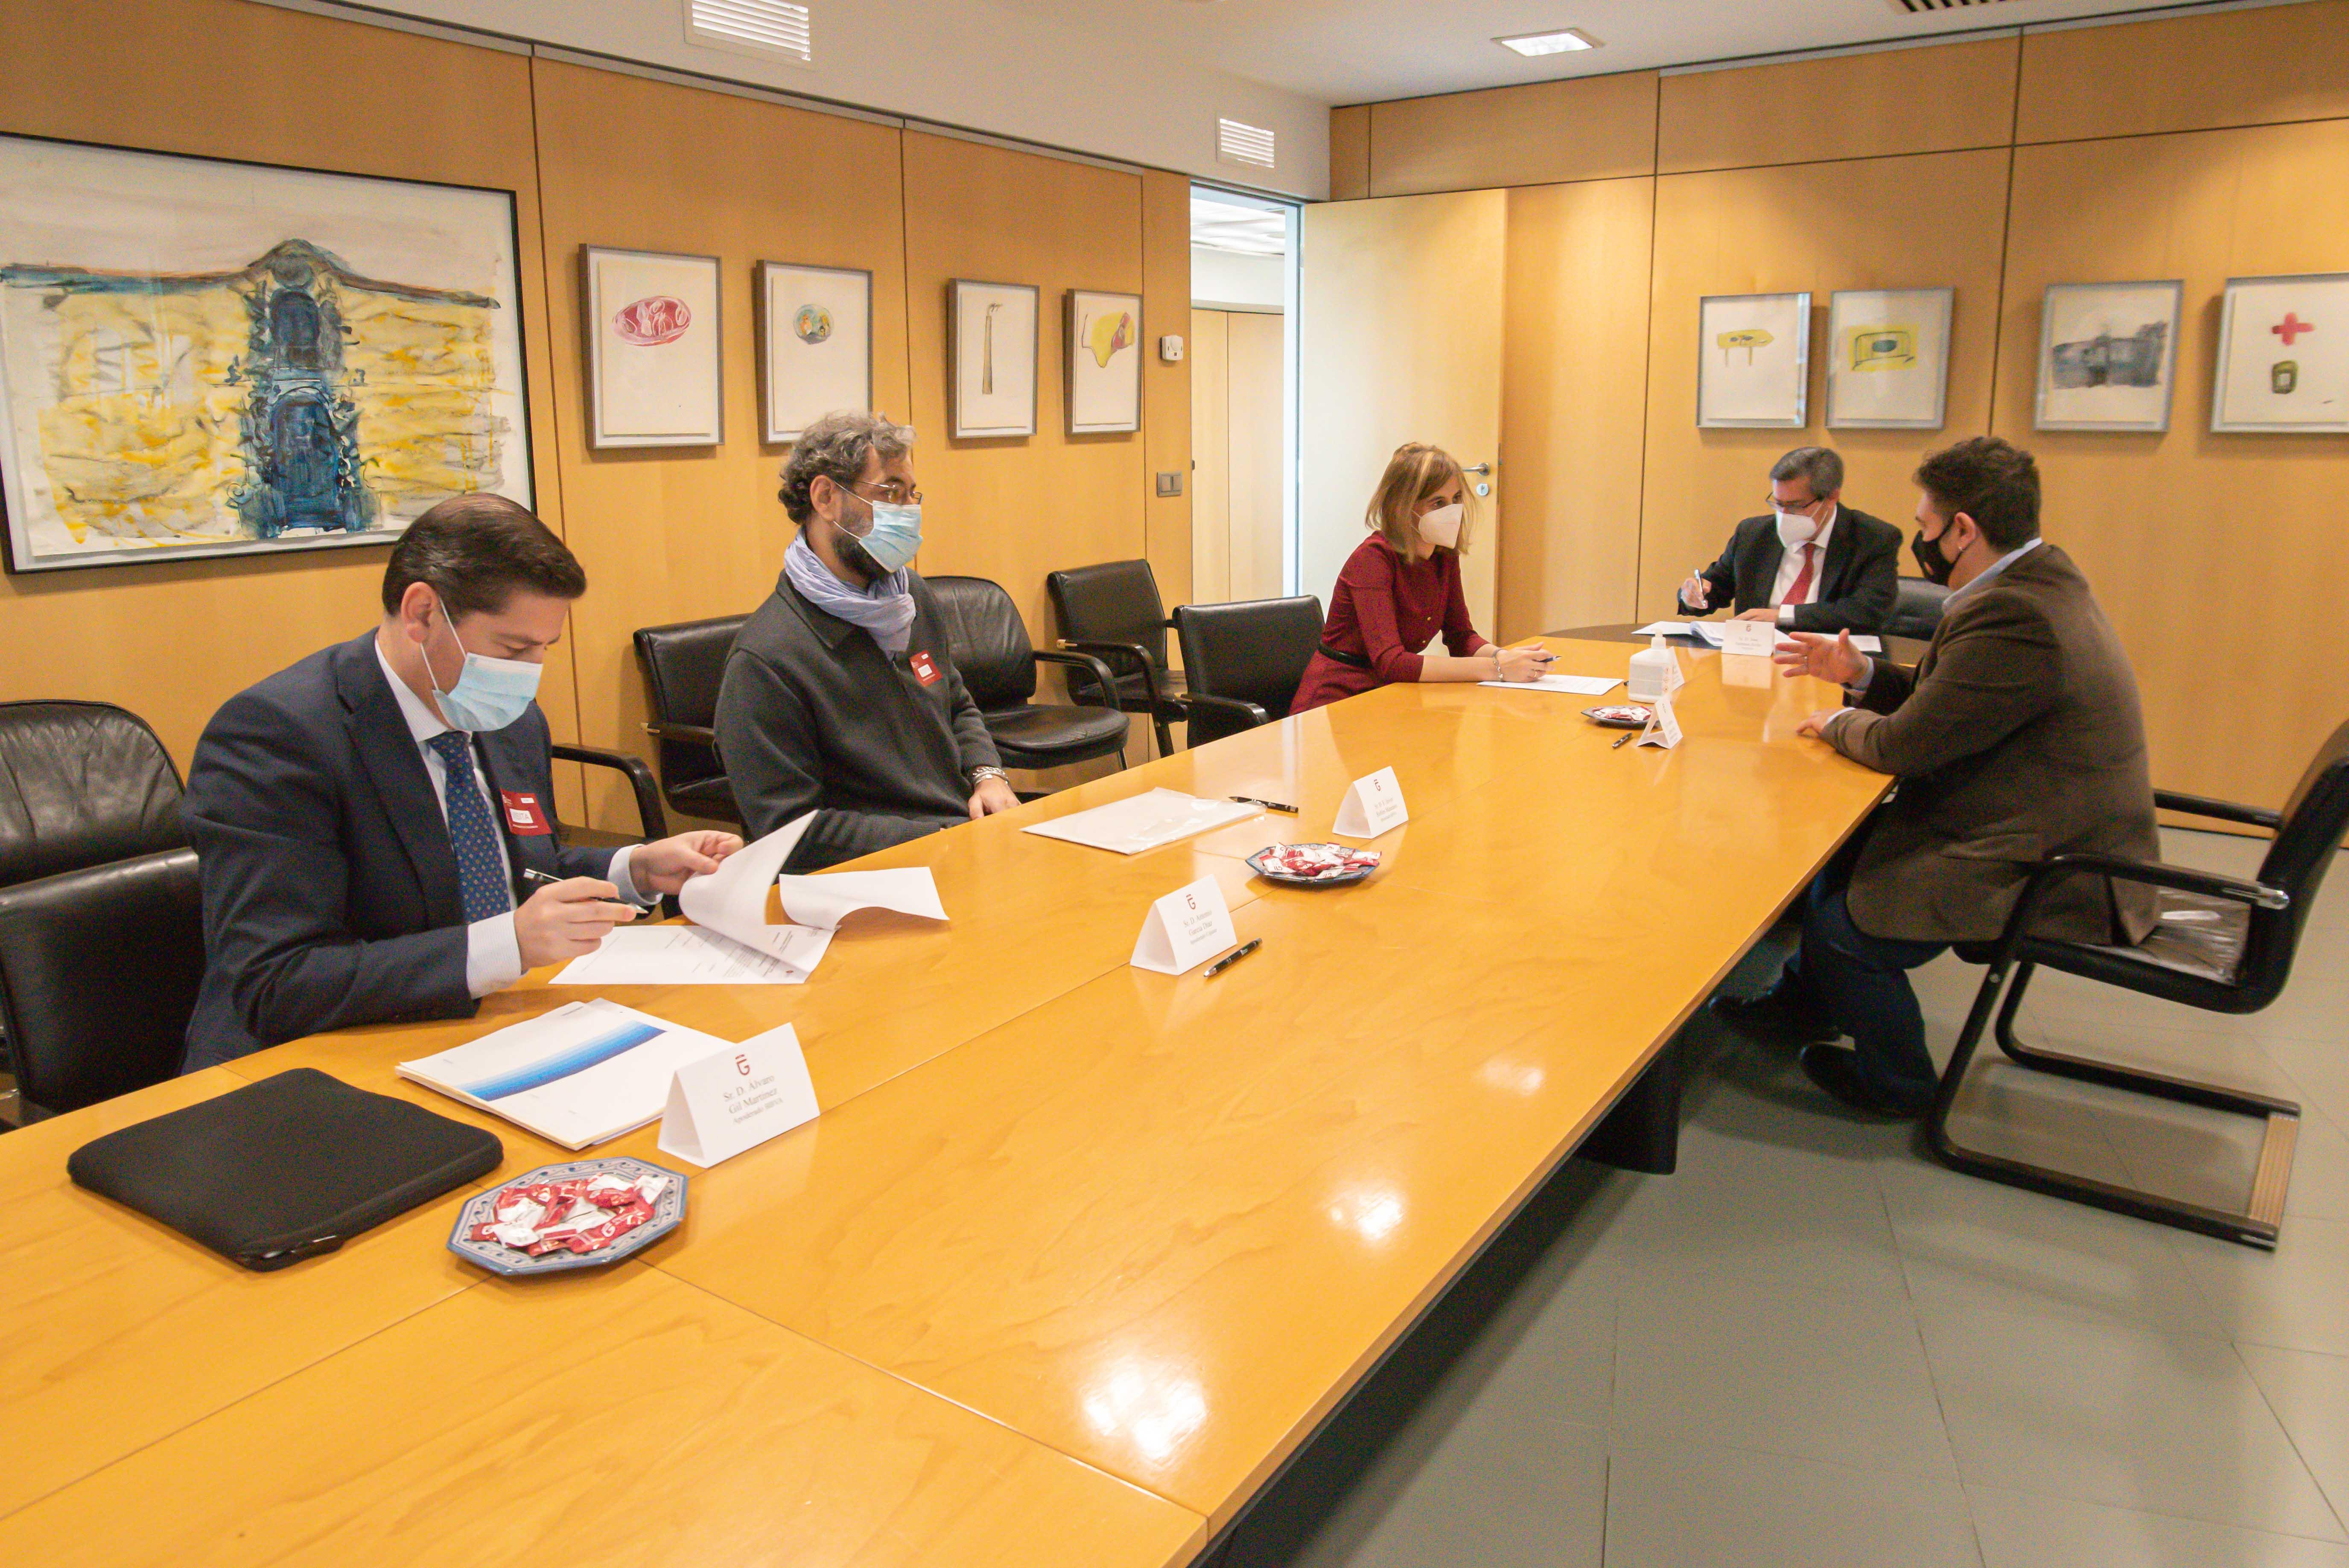 Diputación firma una operación de tesorería con Caja Rural, Cajasur, Banco Sabadell y BBVA